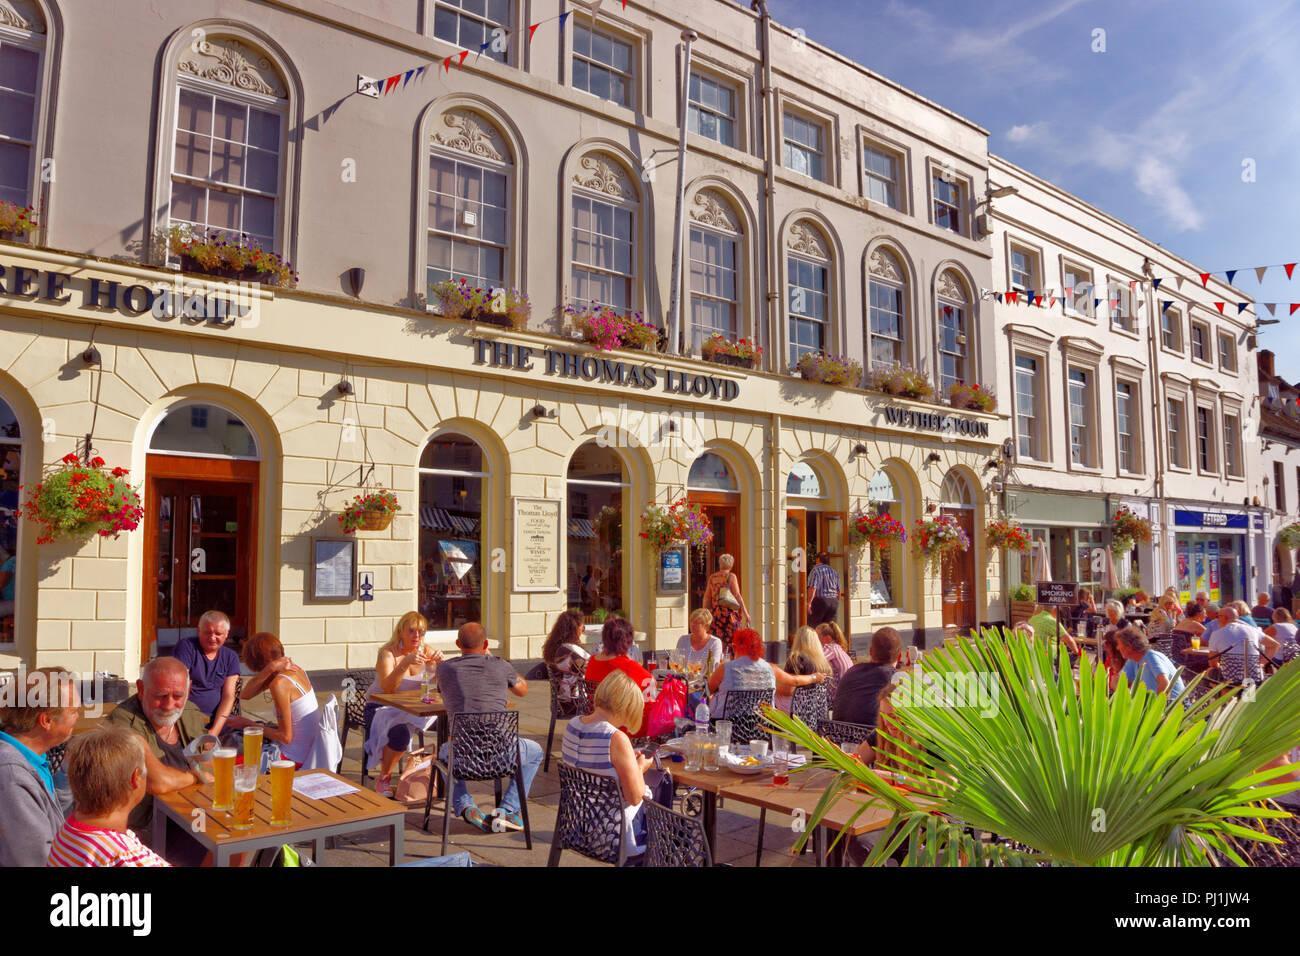 Wetherspoons pub 'The Thomas Lloyd' at Warwick market square. Warwickshire. England, UK. - Stock Image